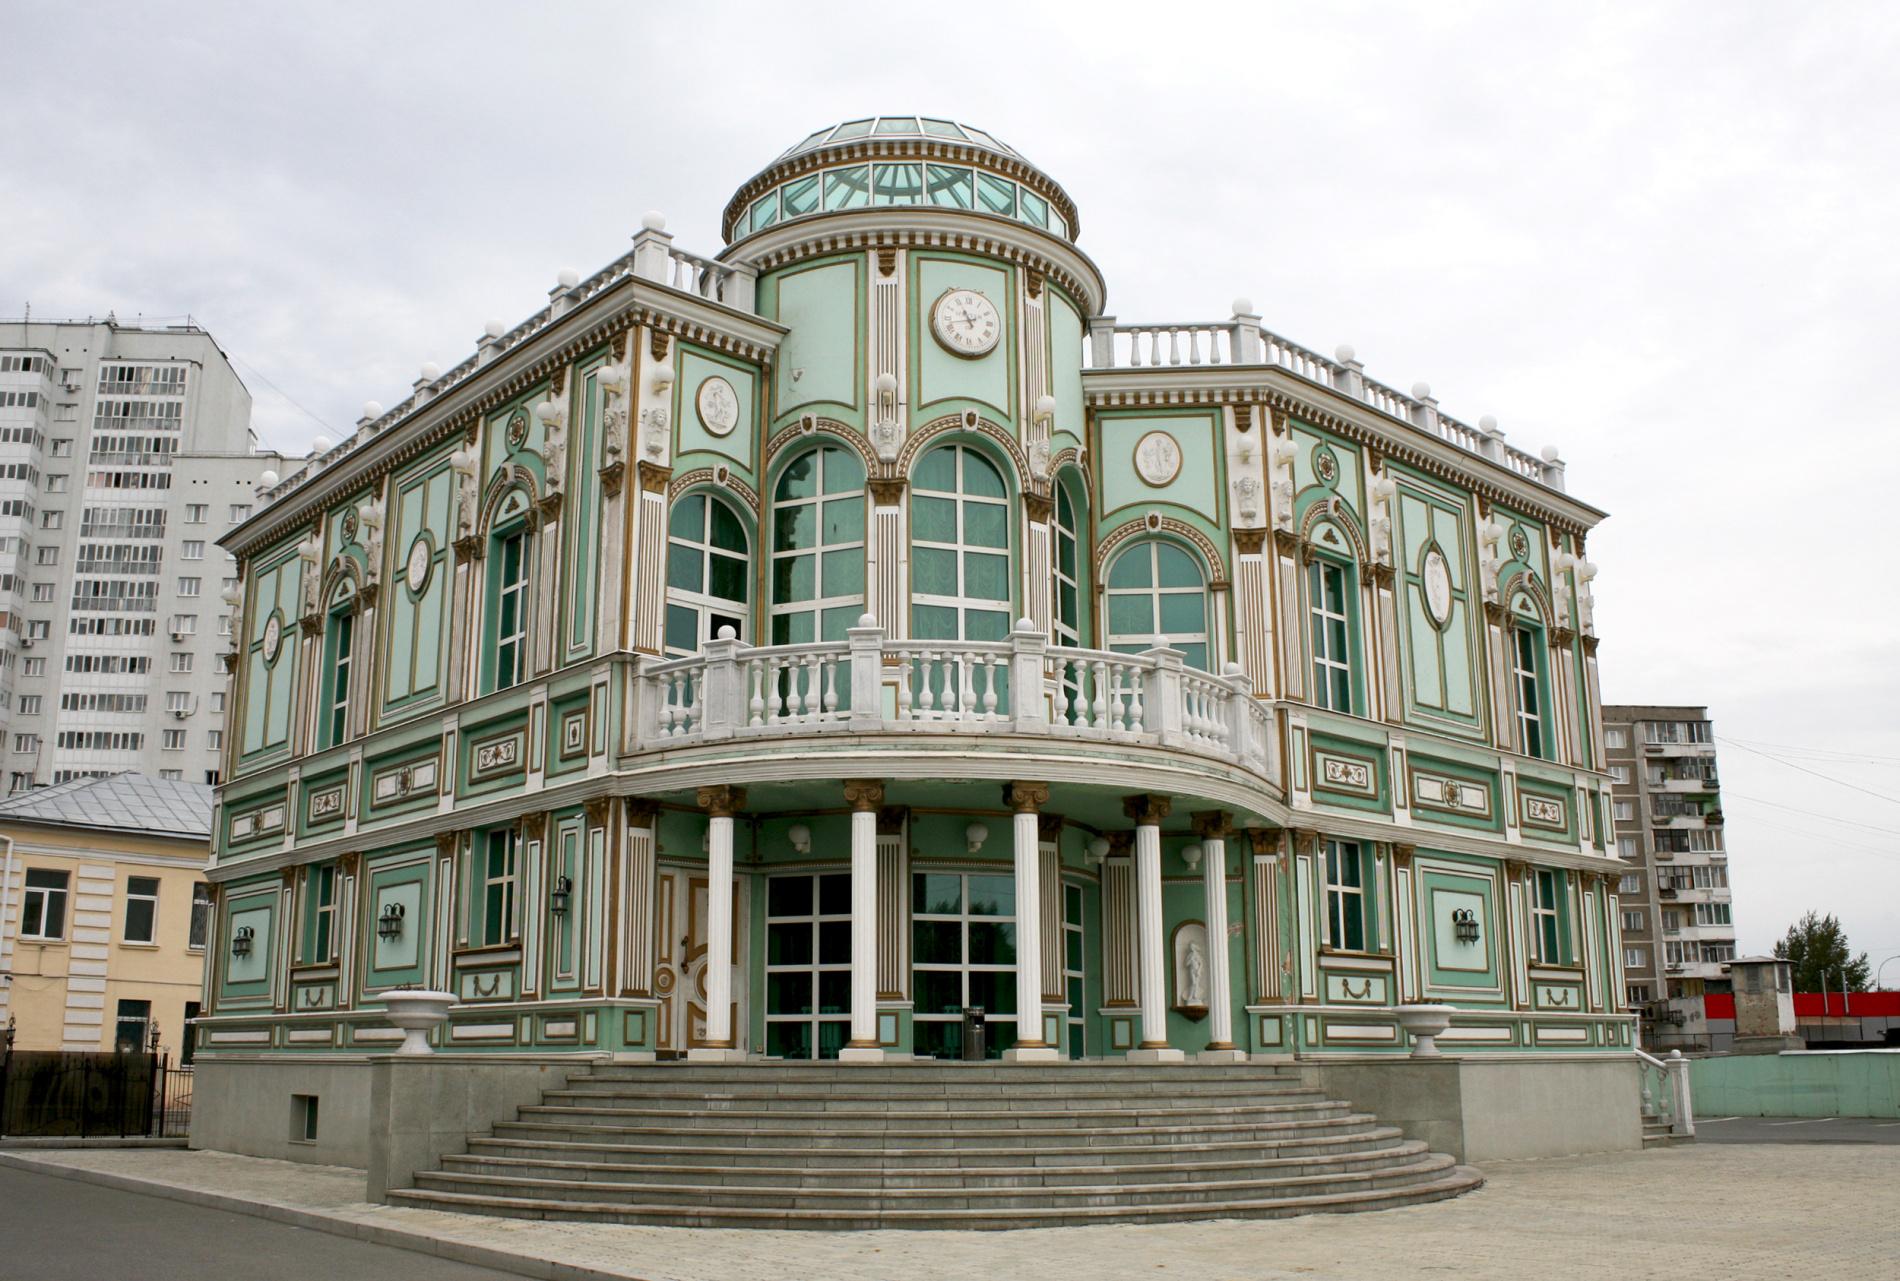 екатеринбург захват омская 115 казино рейдерский